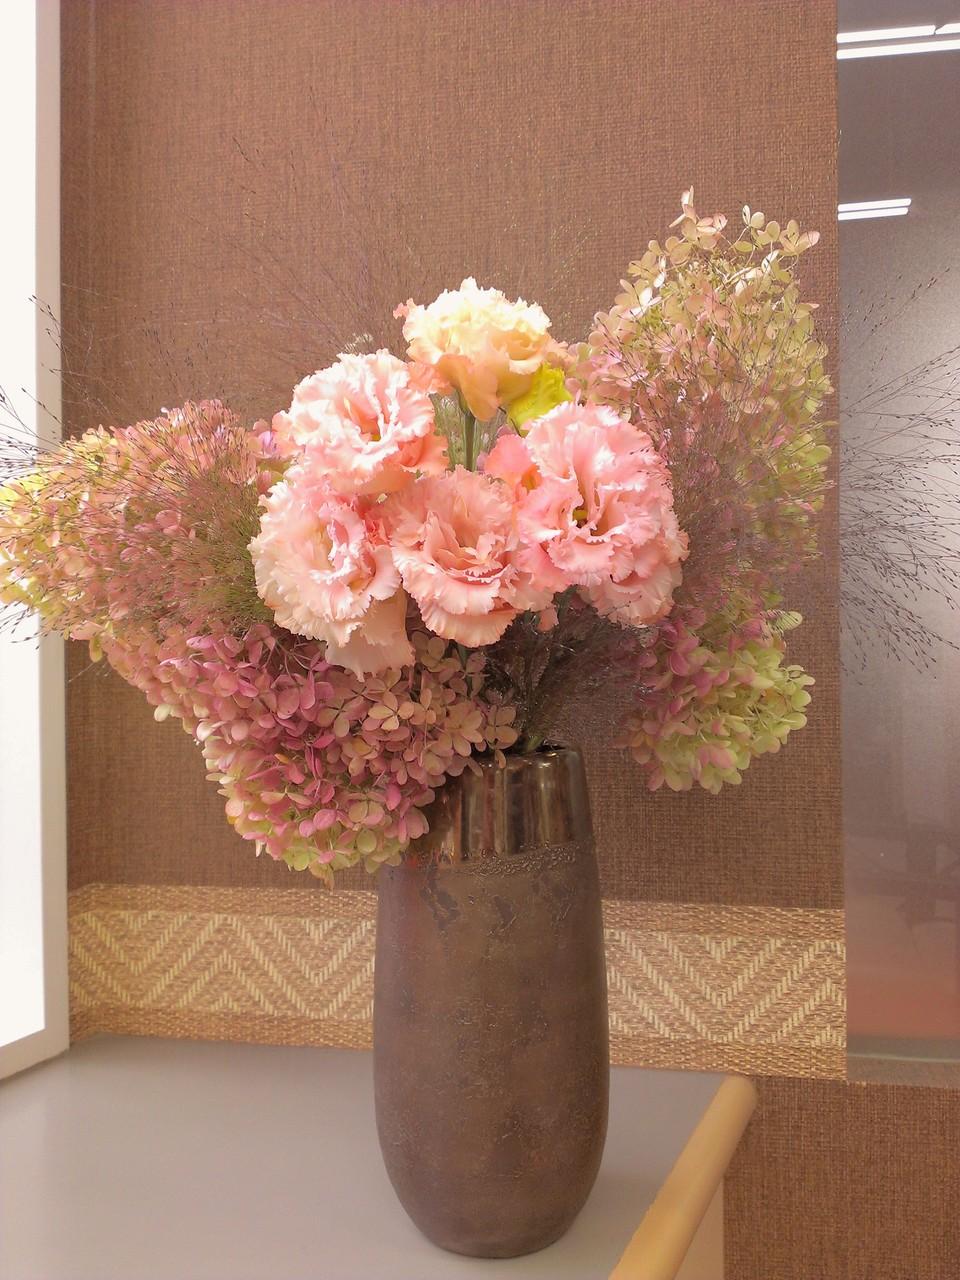 2014.10.01 ミナズキ 秋色(別名:ピラミットアジサイ)、トルコキキョウ、霧吹き草(別名:スモークグラス) ・花瓶からこぼれ落ちそうなボリュームのミナズキ、やわらかな花びらが心を和ませる淡いピンク色のトルコキキョウ。スプレーから噴出した水しぶきのような形の霧吹き草を使用したアレンジメント。淡い色使いがやさしい秋色を演出しております。花言葉:ミナヅキ 秋色【移り気な方、乙女の夢】、トルコキキョウ【すがすがしい美しさ】、霧吹き草【率直】